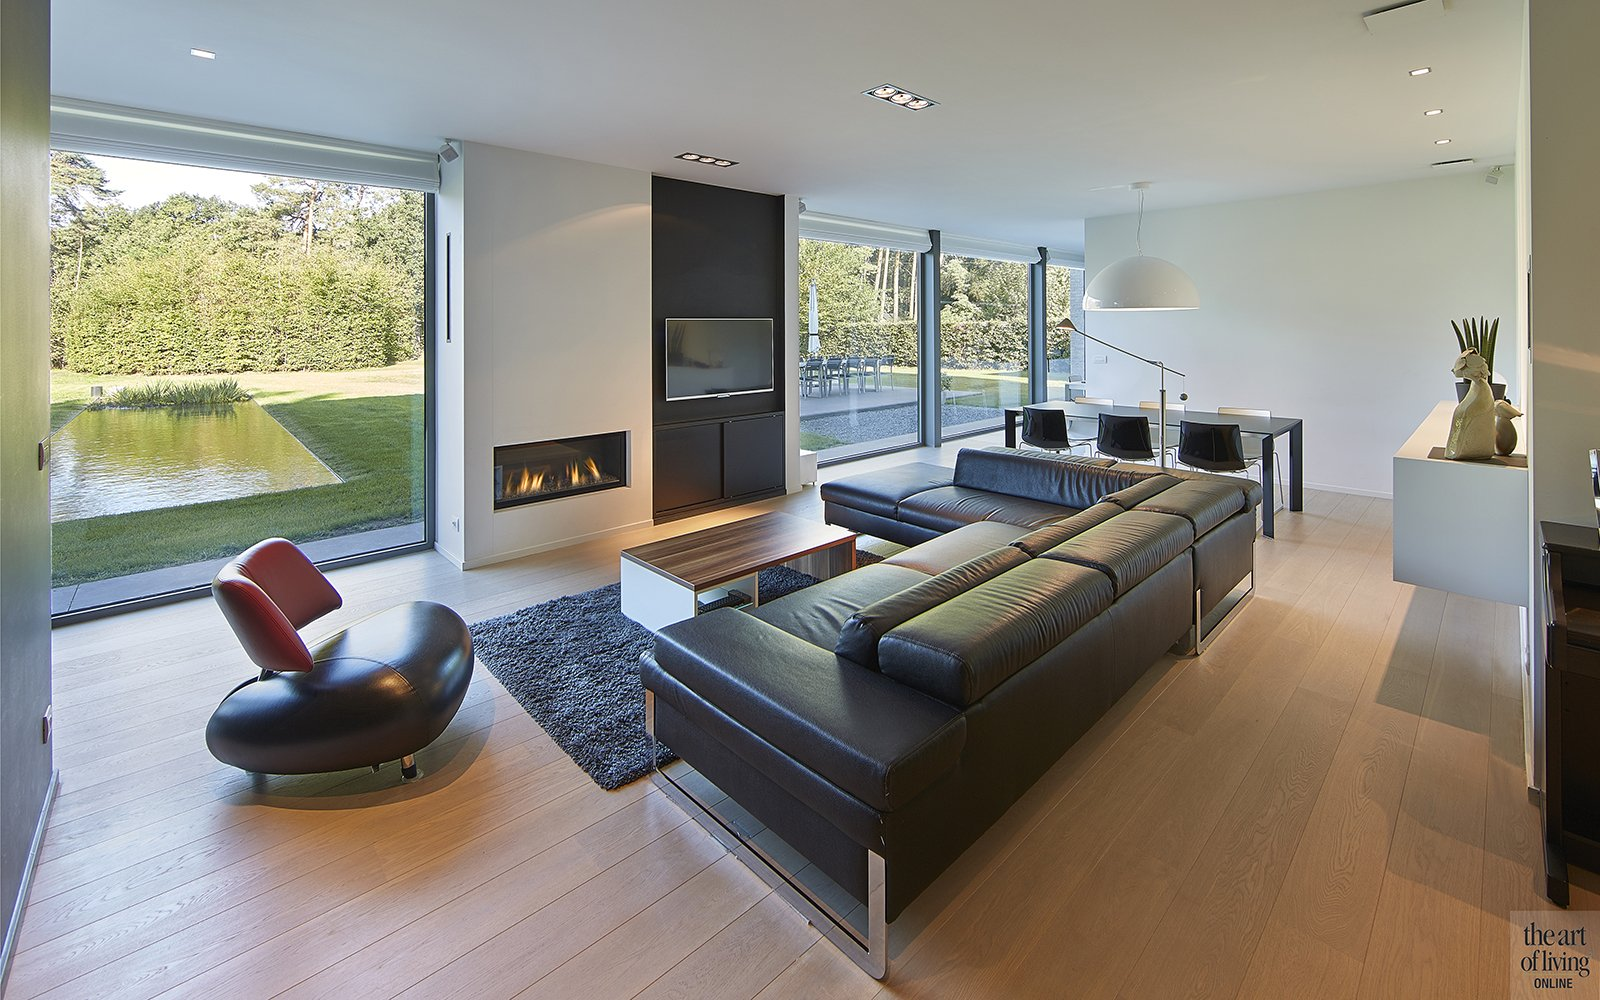 Nieuwbouwwoning, Schellen Architecten, Woonkamer, Trap, Lounge, Houten vloer, Raampartijen, Haard, Bank